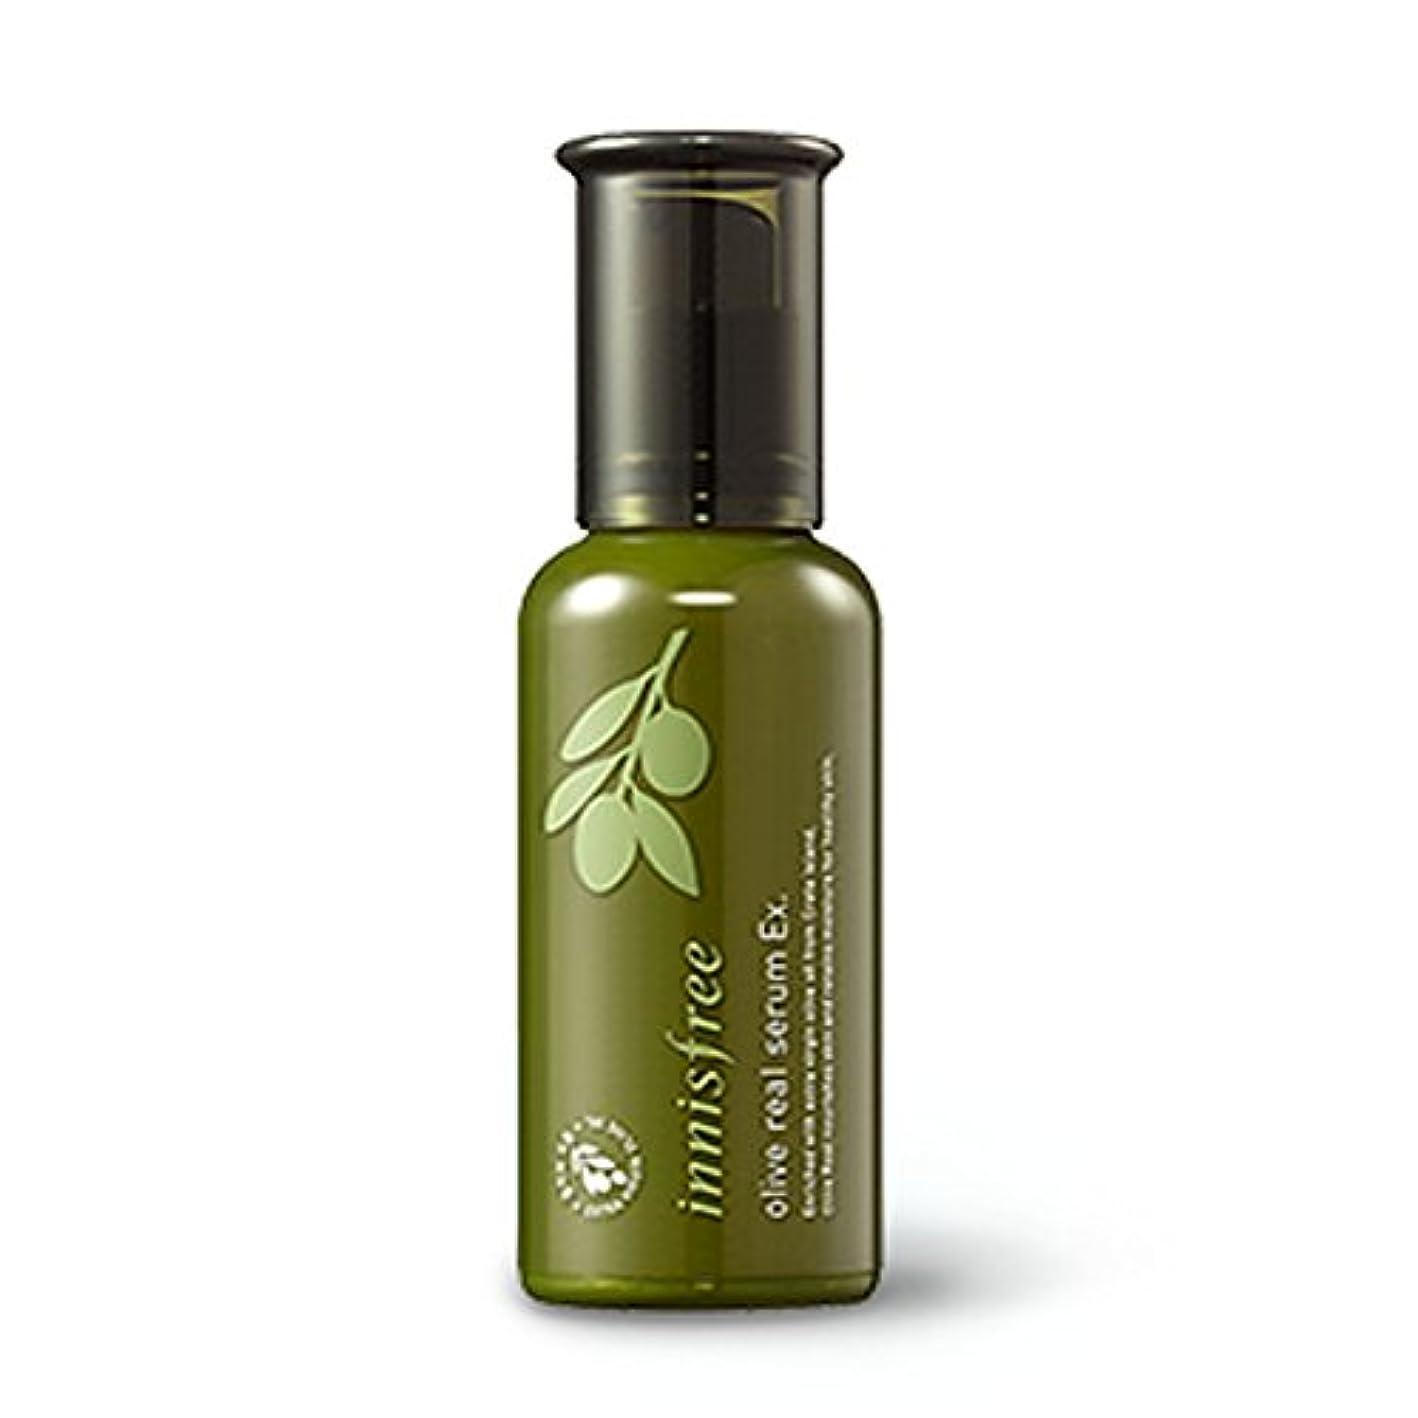 放送脅威塗抹イニスフリーオリーブリアルセラム 50ml / Innisfree Olive Real Serum Ex. 50ml[海外直送品][並行輸入品]